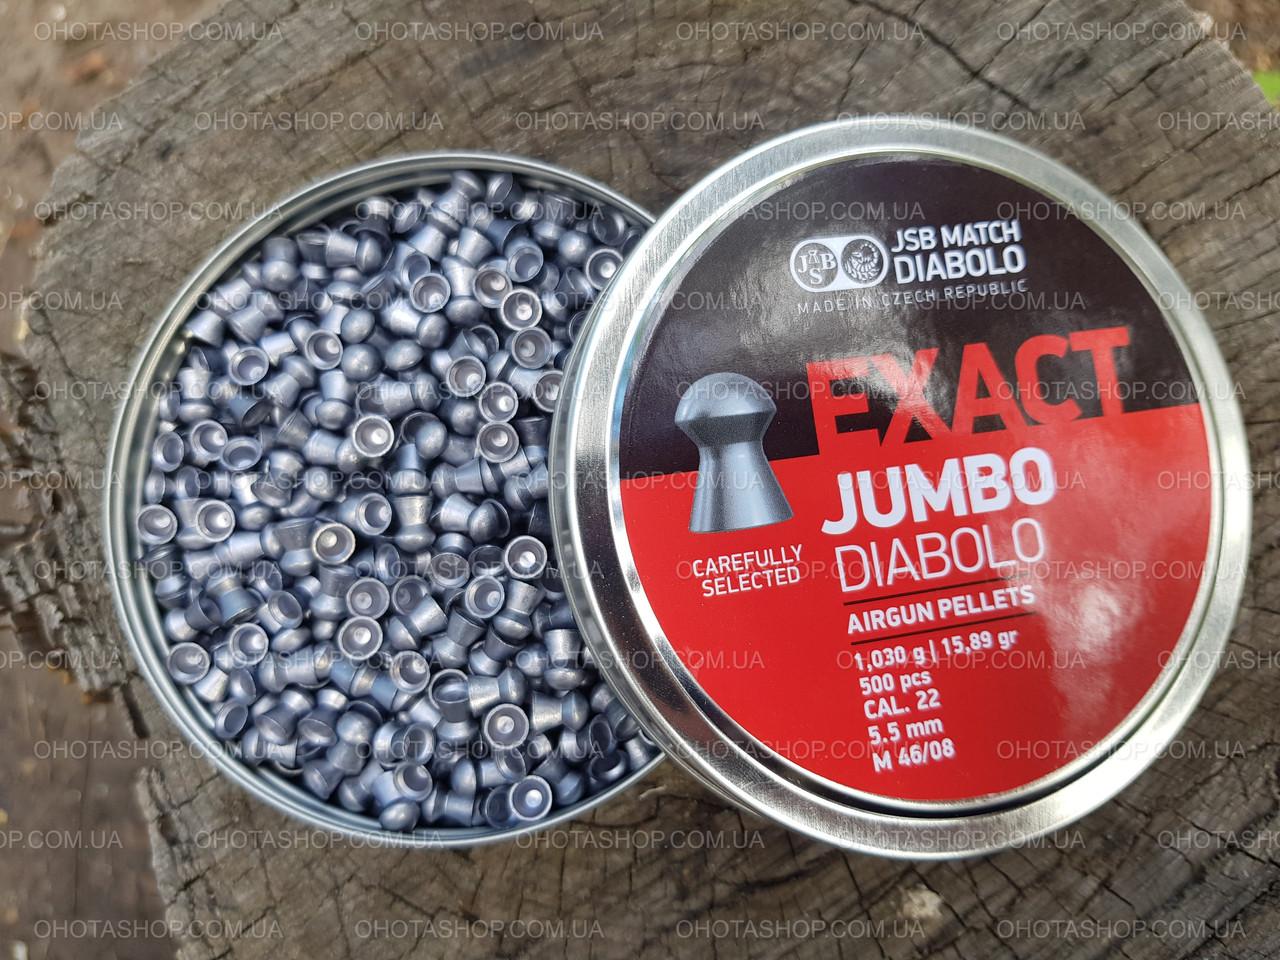 Пули JSB Exact Jumbo Diabolo,1,030 г. 5.5 мм (500 шт.)